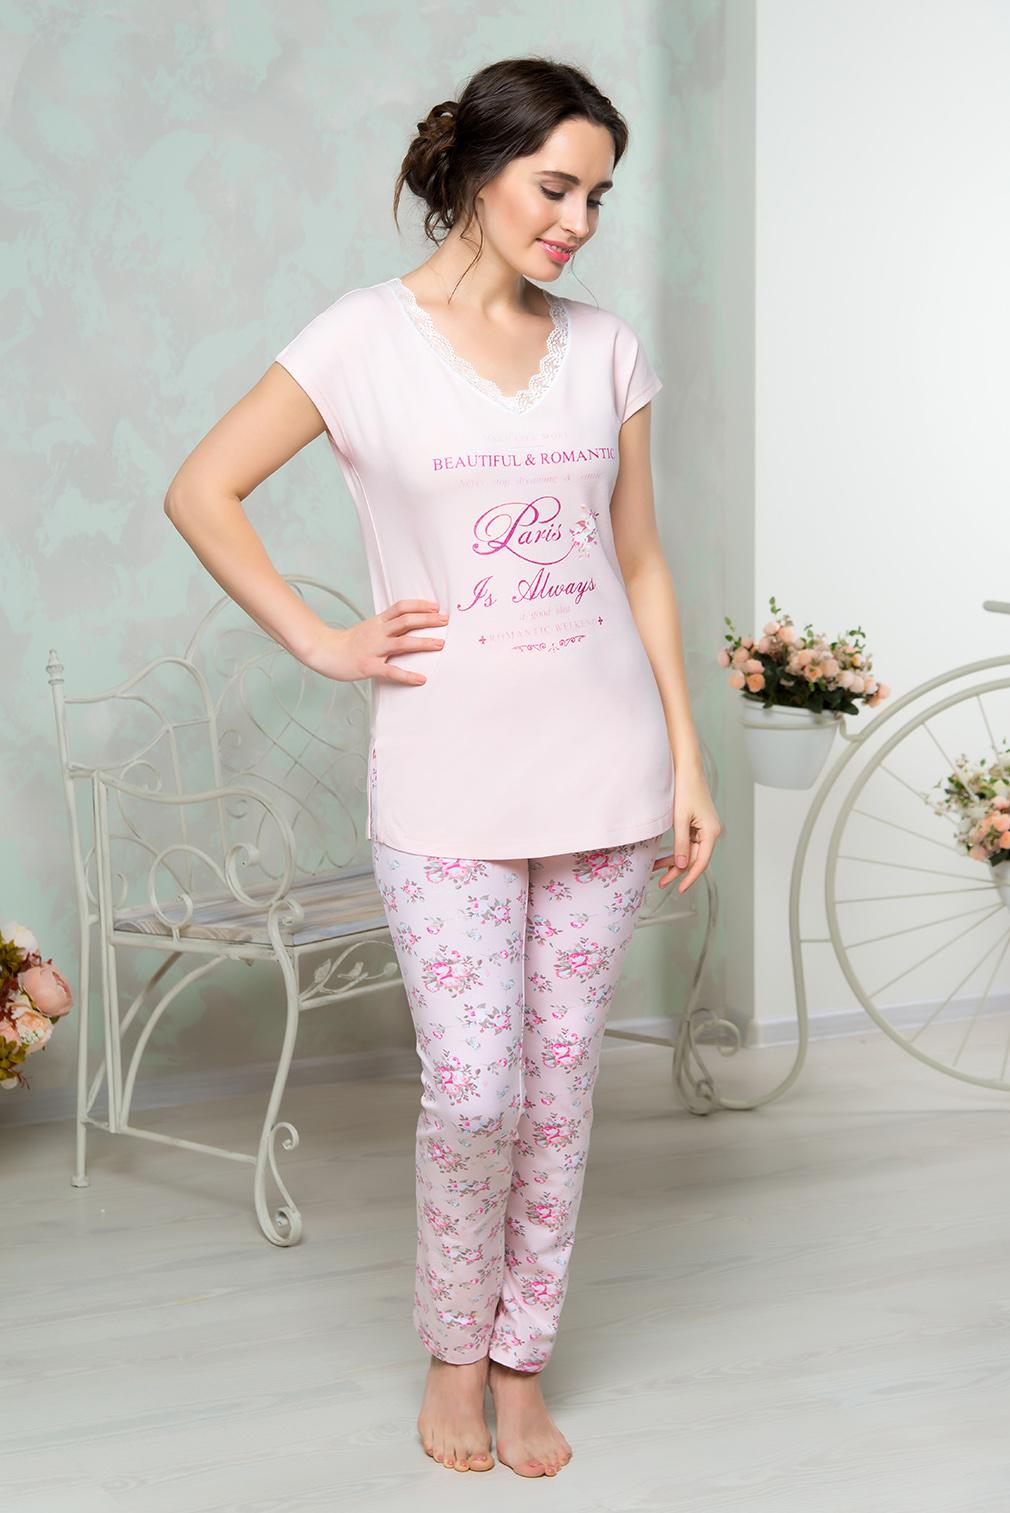 Комплект домашний женский Mia Cara: футболка, брюки, цвет: розовый. AW16-MCUZ-846. Размер 50/52AW16-MCUZ-846Комплект домашний одежды Mia Cara состоит из футболки и брюк. Модель выполнена из высококачественного хлопка с добавлением эластана. Футболка с V-образной горловиной дополнена кружевом и принтом с надписями. Брюки оформлены цветочным принтом.